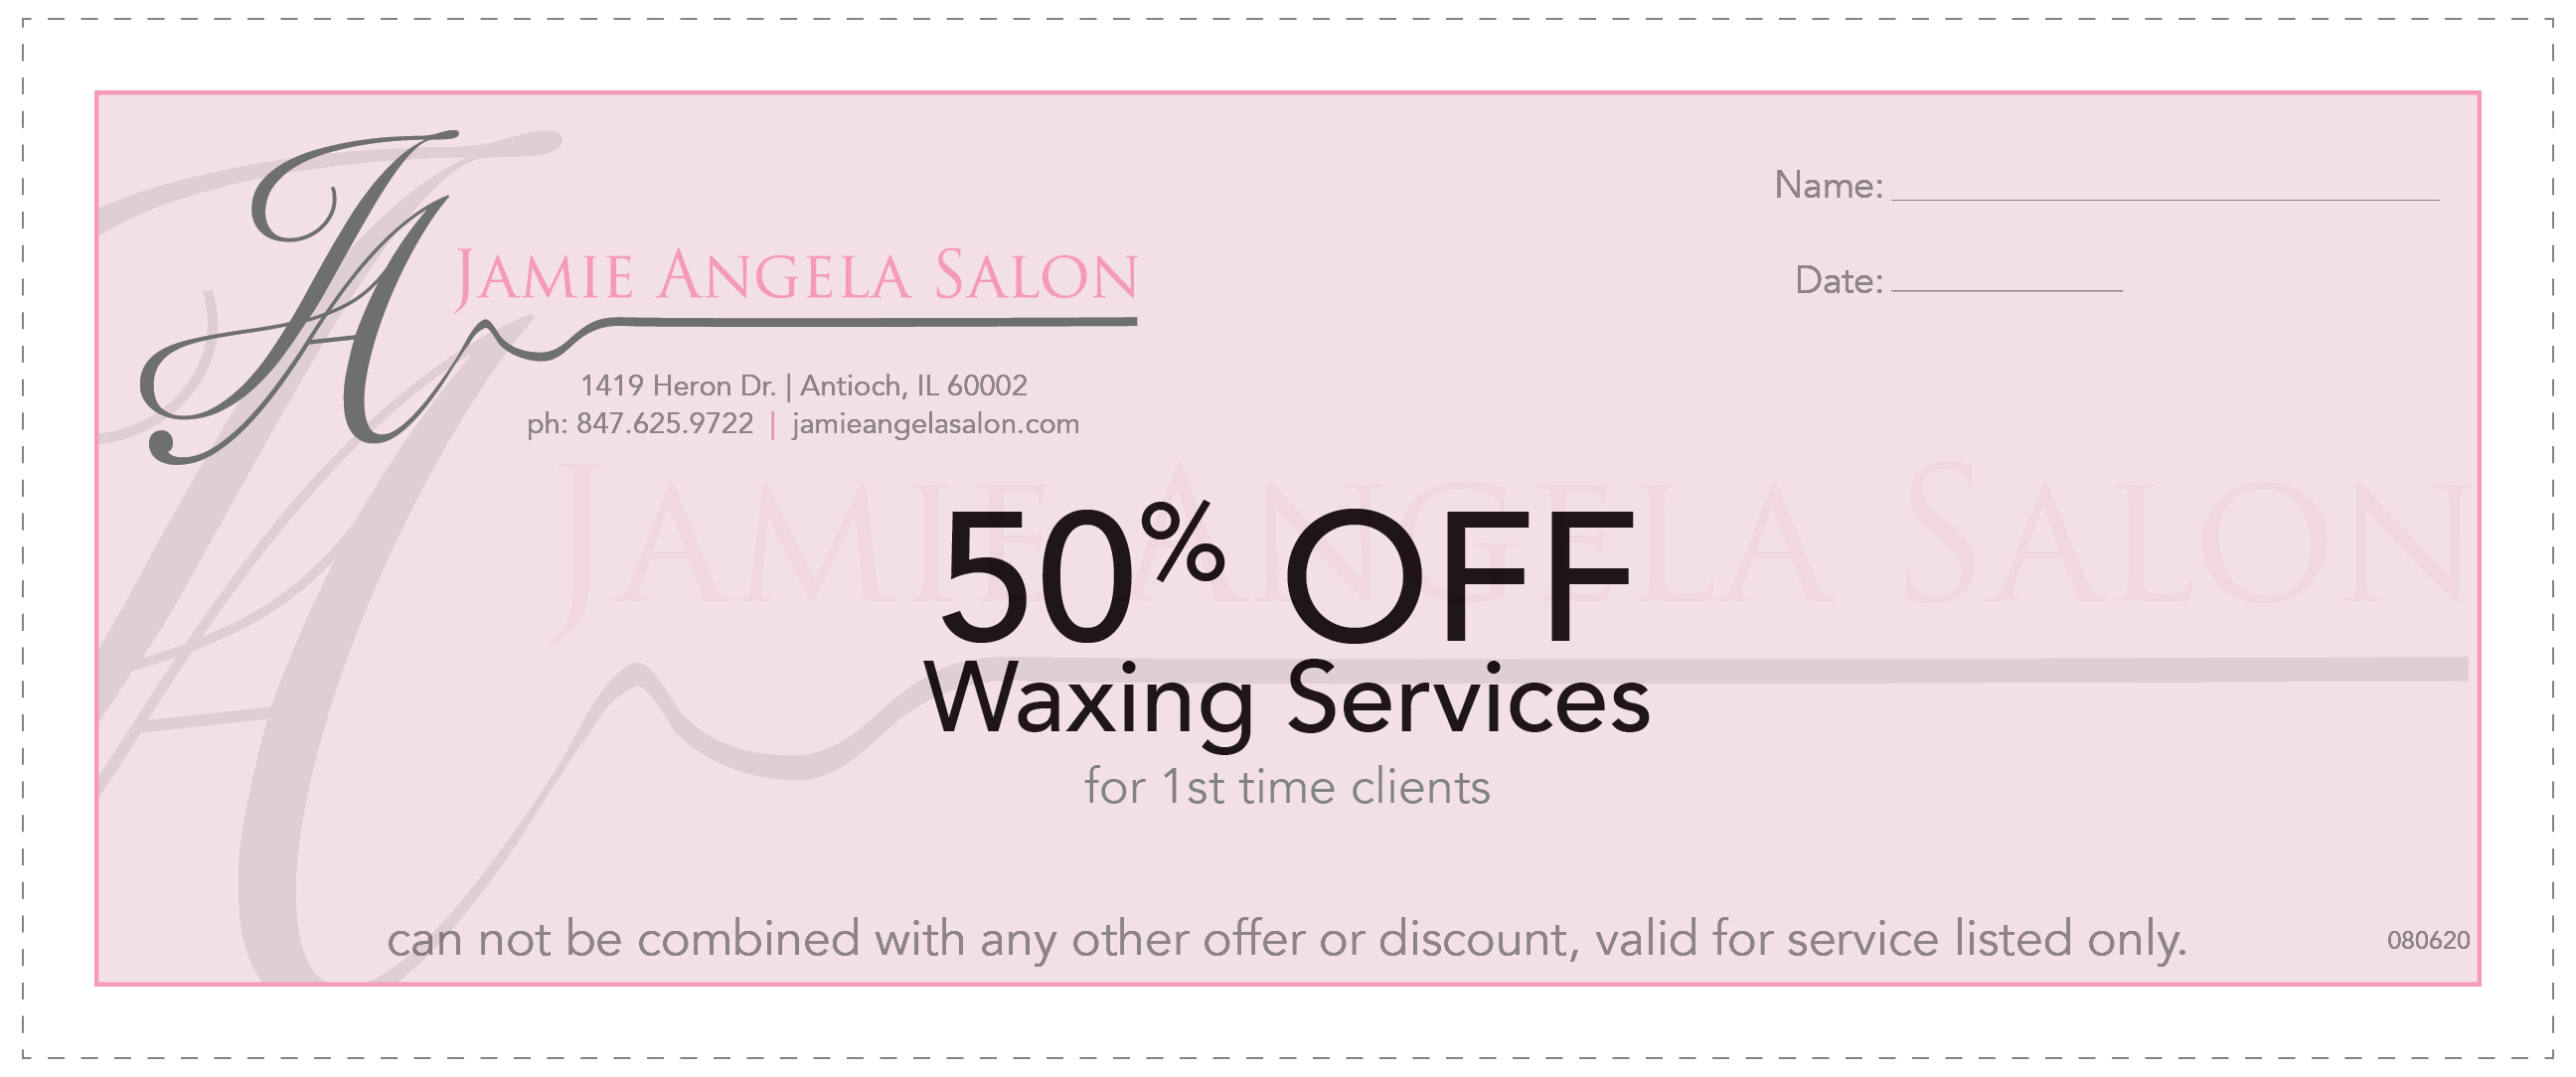 jamie-angela-salon-skincare-coupon